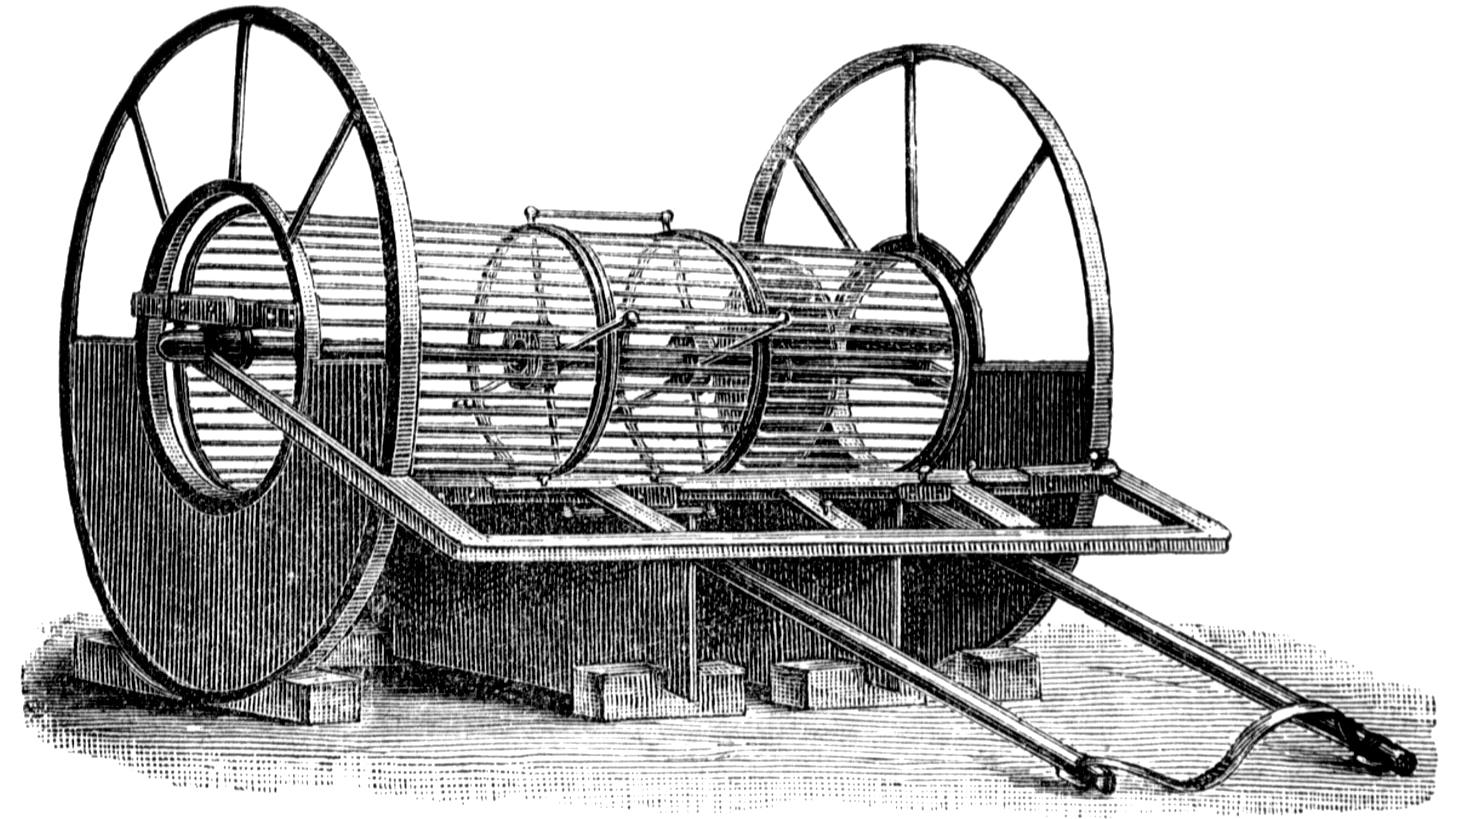 Vaglio per la crivellatura dei materiali, 1900 (fonte: Archivio leStrade - Casa Editrice La Fiaccola)